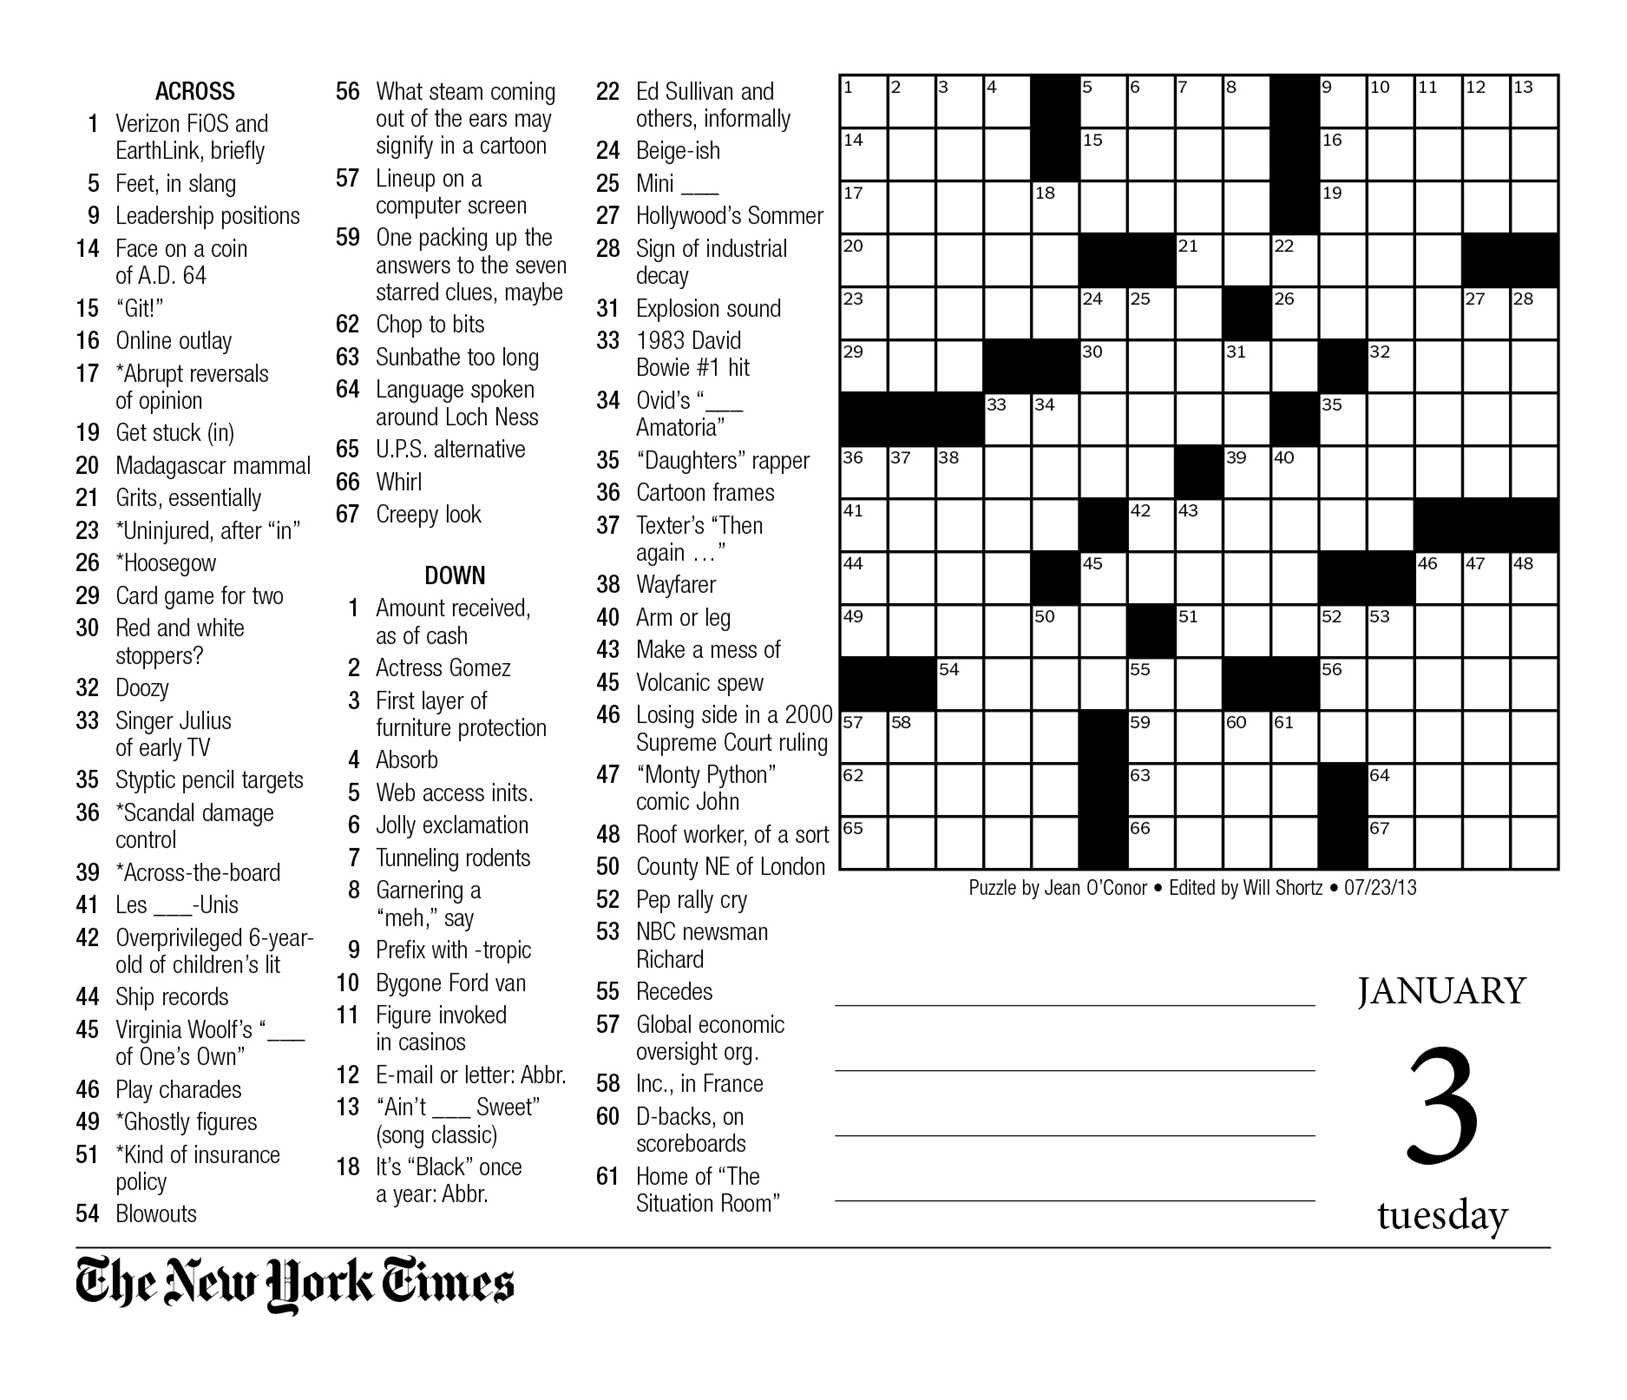 Crosswords Sunday Crossword Puzzle Printable ~ Themarketonholly - Printable Nyt Crossword Puzzles Free